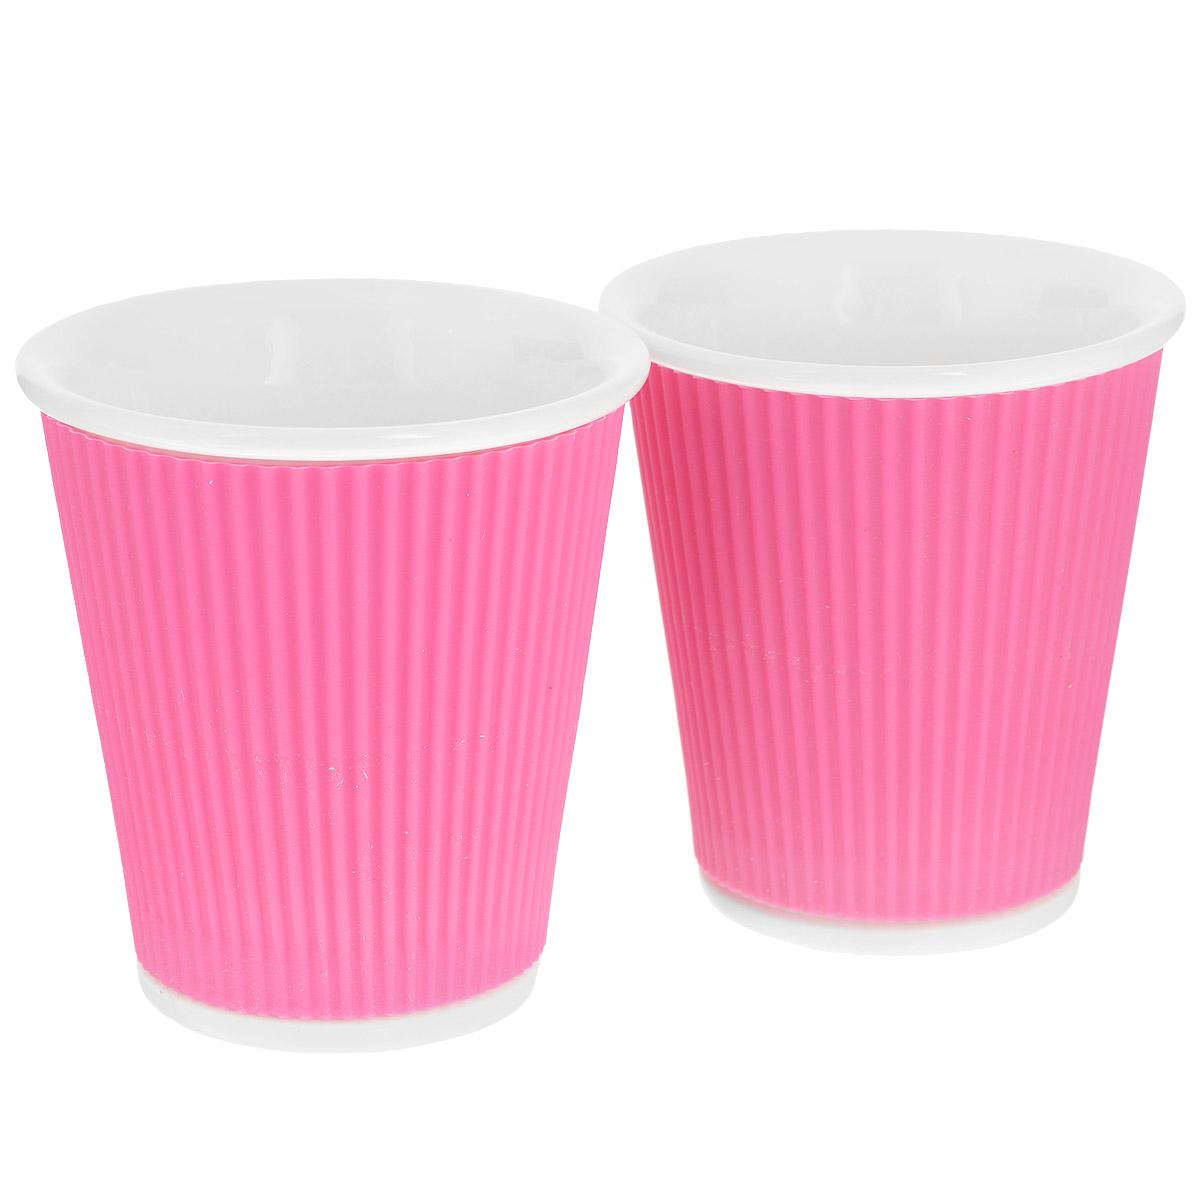 Набор чашек Les Artistes-Paris Ondules, цвет: розовый, 180 мл, 2 штVT-1520(SR)Набор Les Artistes-Paris Ondules состоит из двух чашек, выполненных из фарфора в виде бумажных стаканчиков. Силиконовое покрытие с внешней стороны позволяет удобно использовать чашку и не обжечь руки. Материал изделий не содержит кадмия и свинца, поэтому абсолютно безопасен для здоровья. Чашки выдерживают высокие перепады температур от -35°С до +300°С, они невероятно прочны и устойчивы к появлению царапин. Набор яркого необычного дизайна позволит насладиться вашими любыми напитками, благодаря компактным размерам его можно взять с собой куда угодно. Прекрасный подарок для друзей и близких. Можно использовать в микроволновке, ставить в холодильник и мыть в посудомоечной машине.Объем чашки: 180 мл. Диаметр (по верхнему краю): 8 см. Высота чашки: 8,5 см.